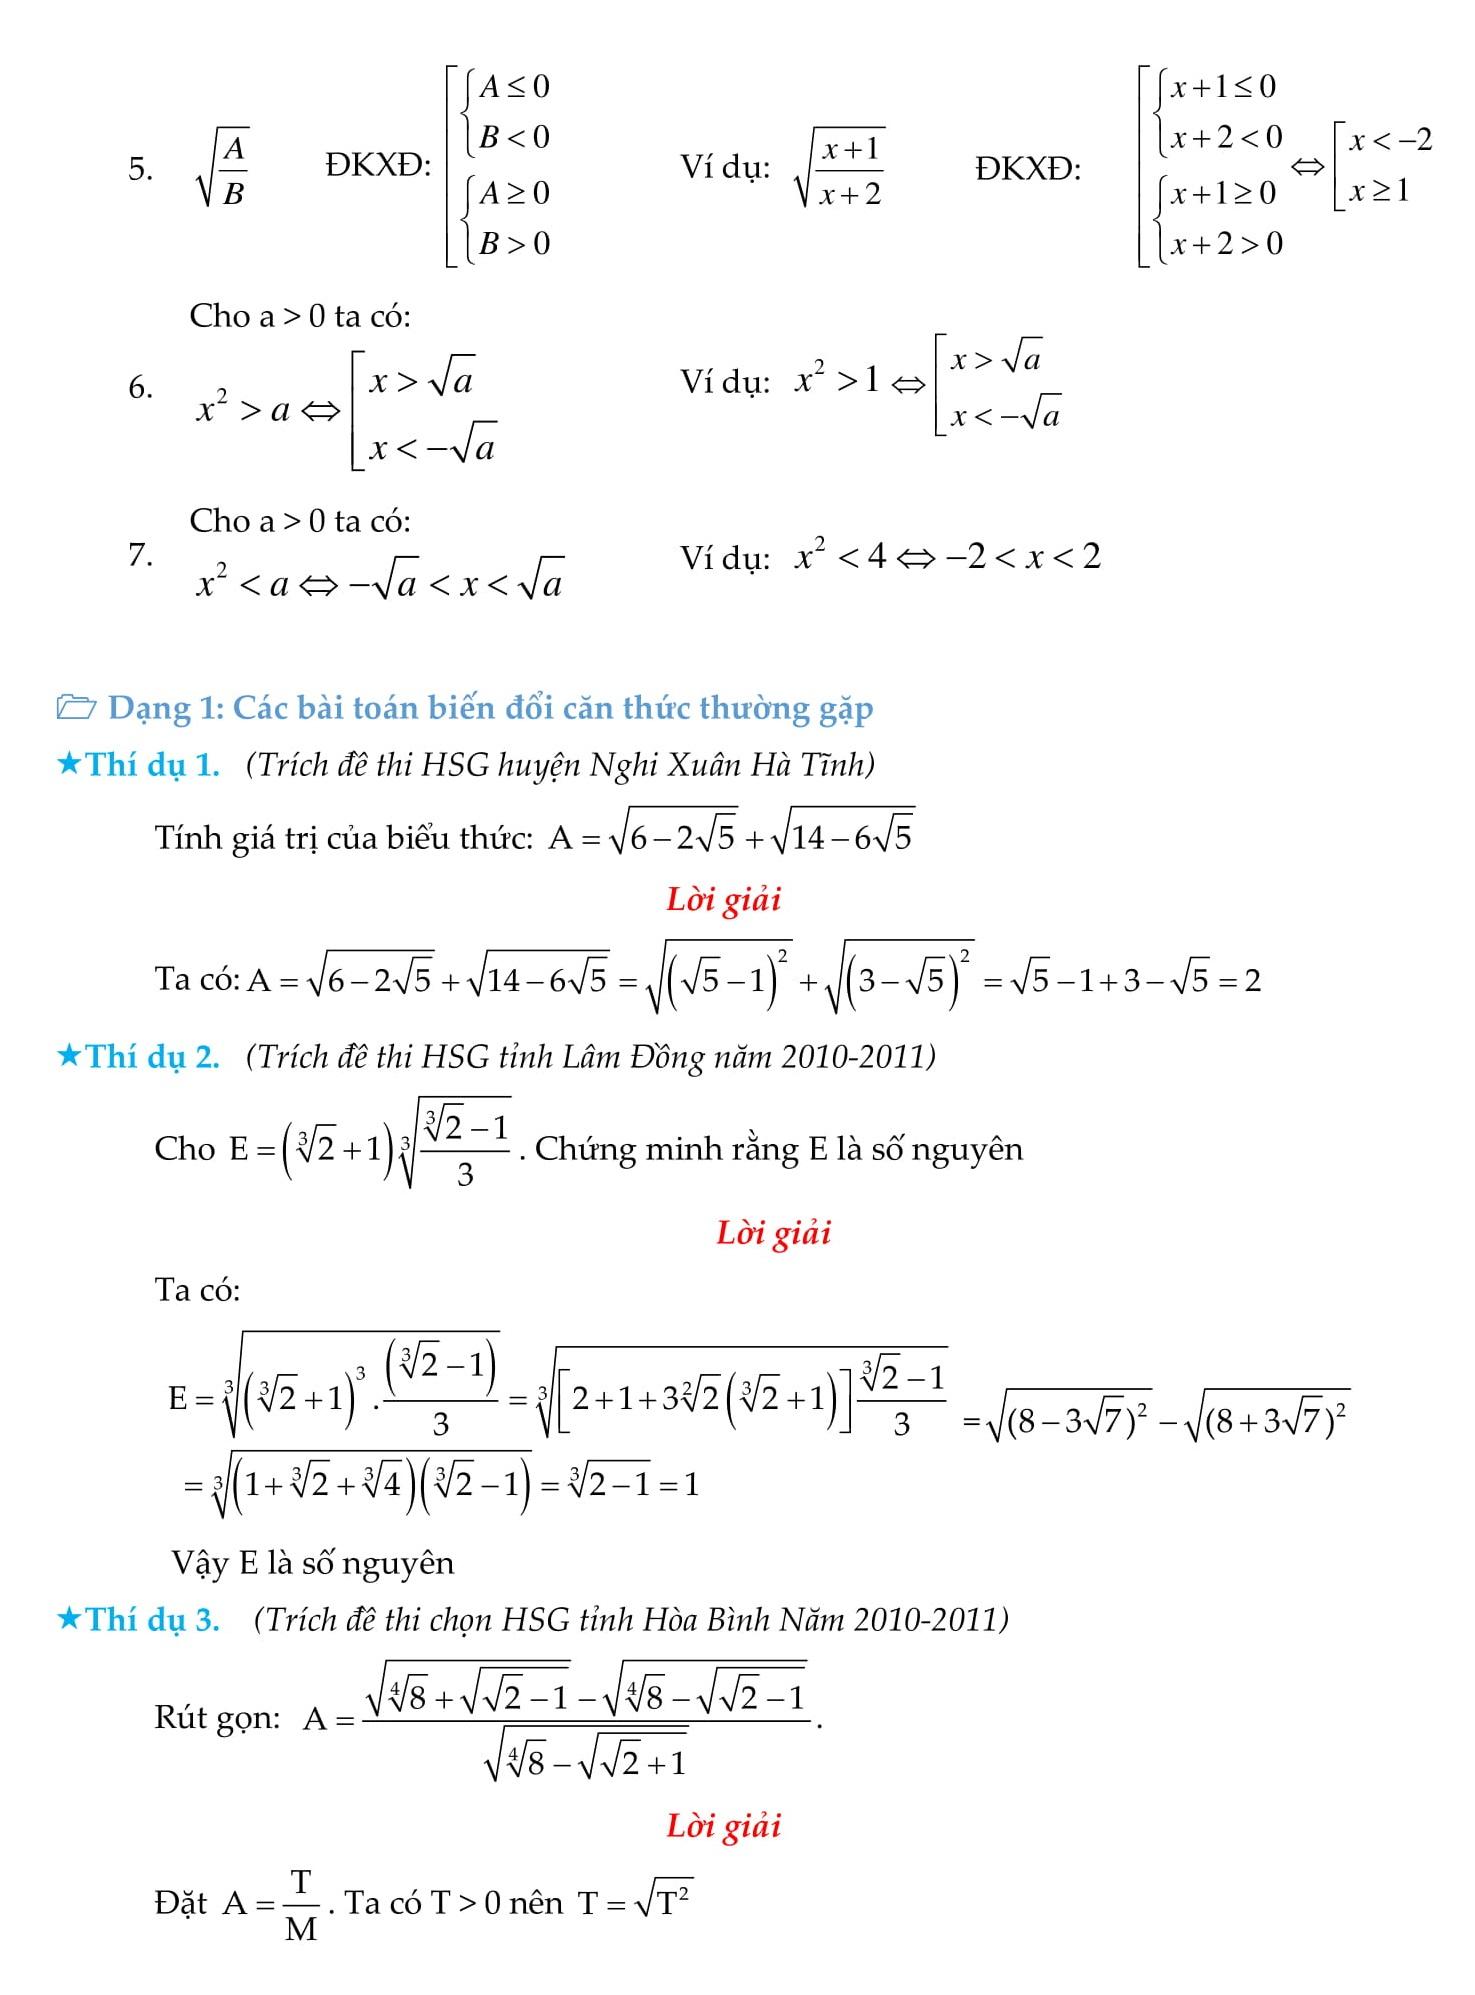 Rút gọn căn thức bậc hai và những bài toán liên quan